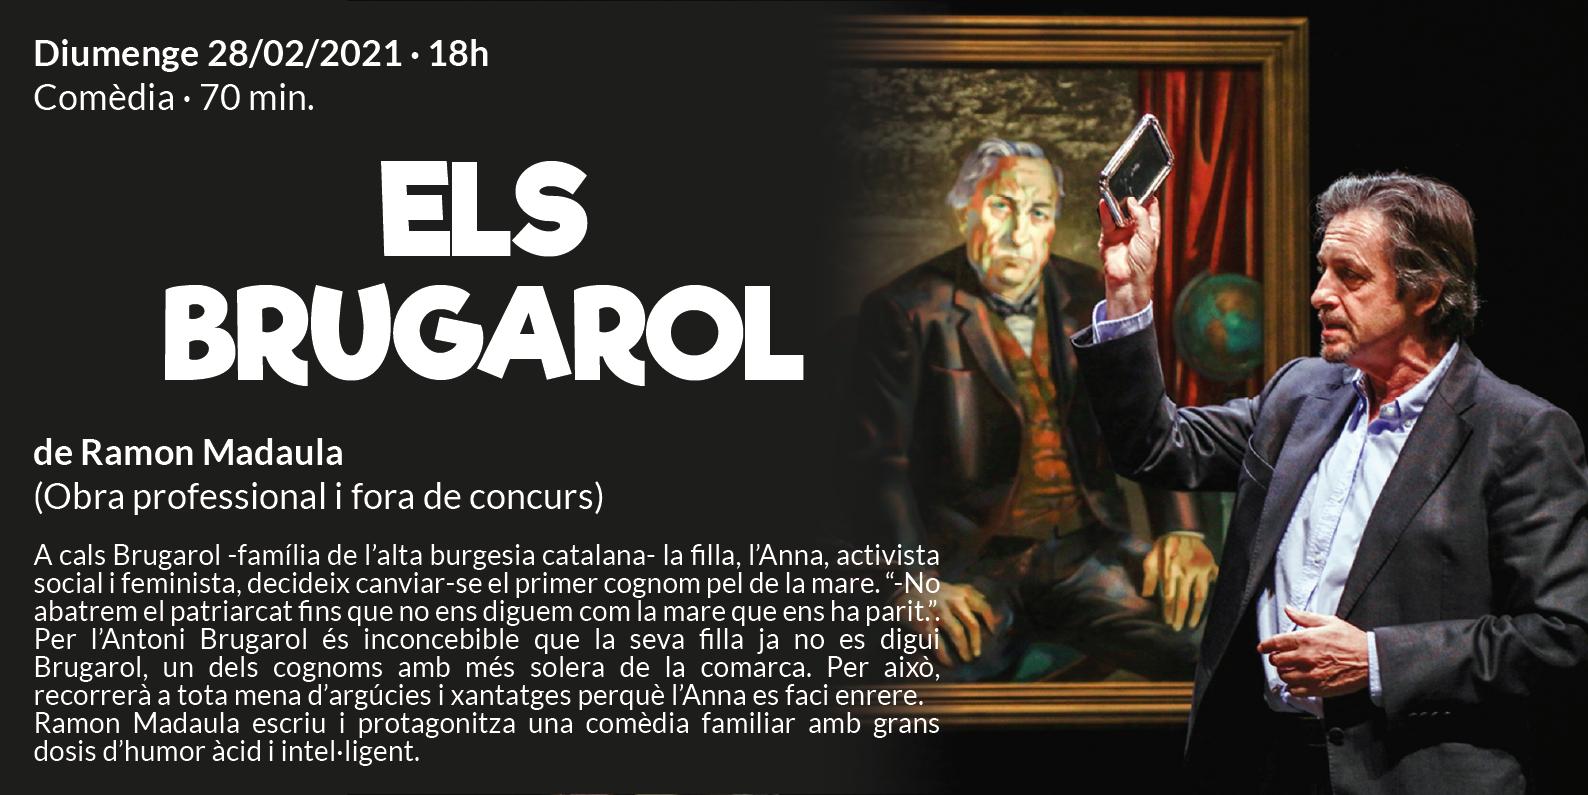 7. Els Brugarol